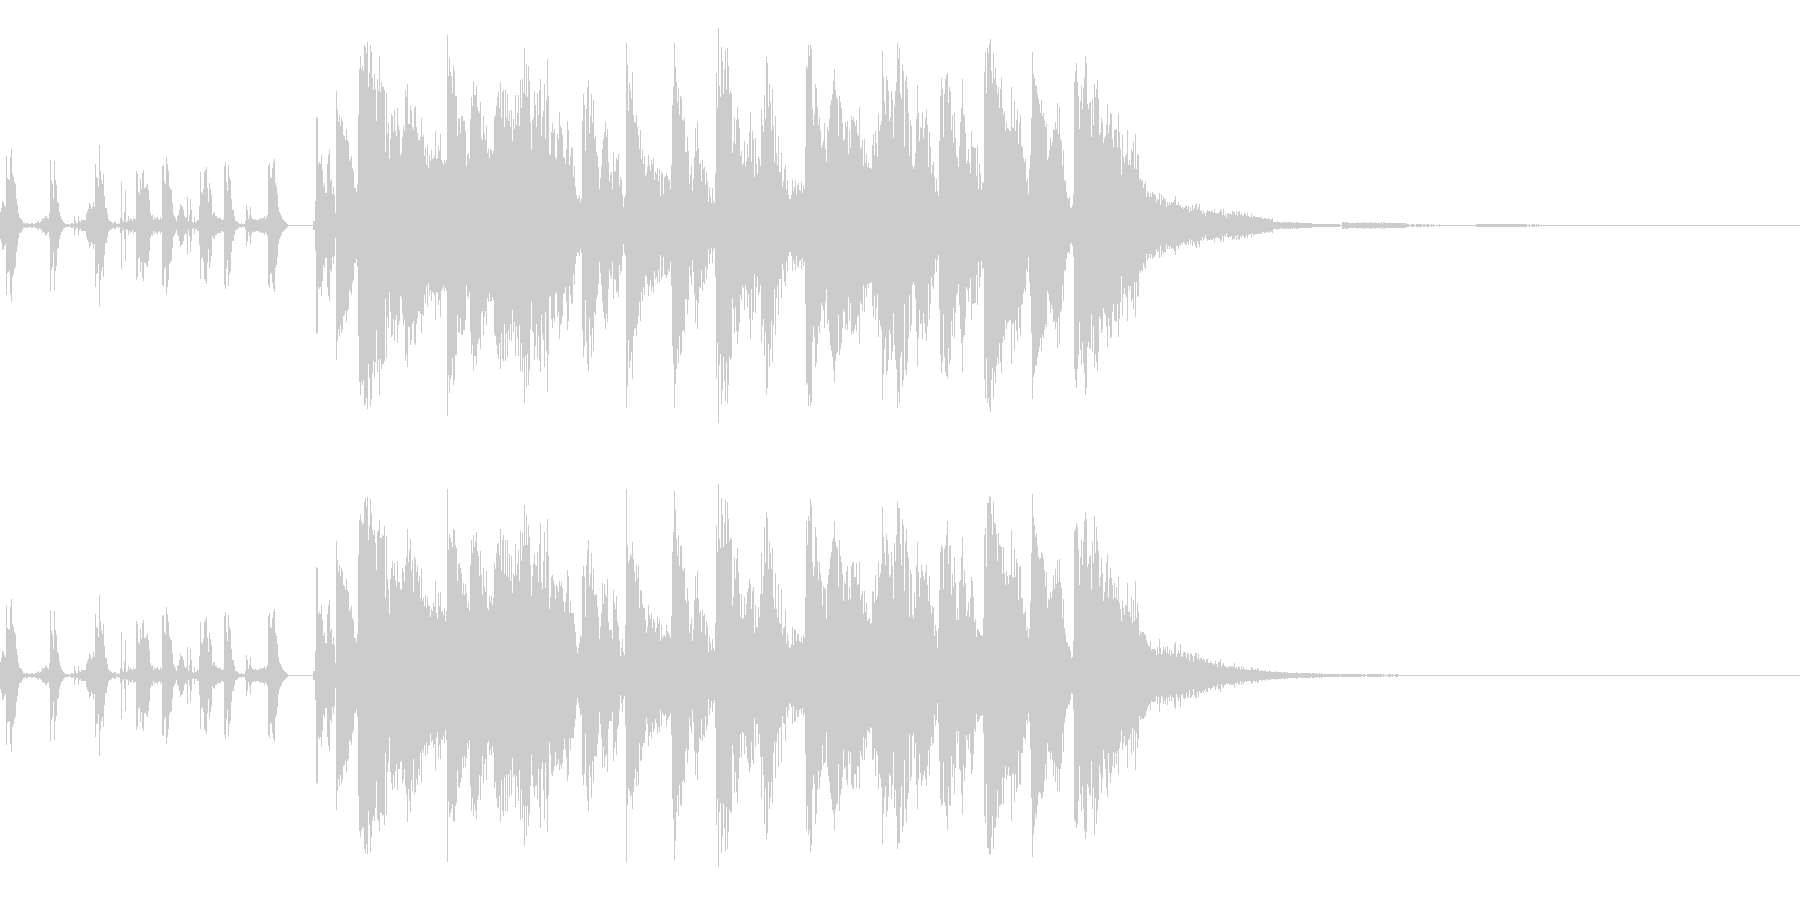 アイワンダーの未再生の波形